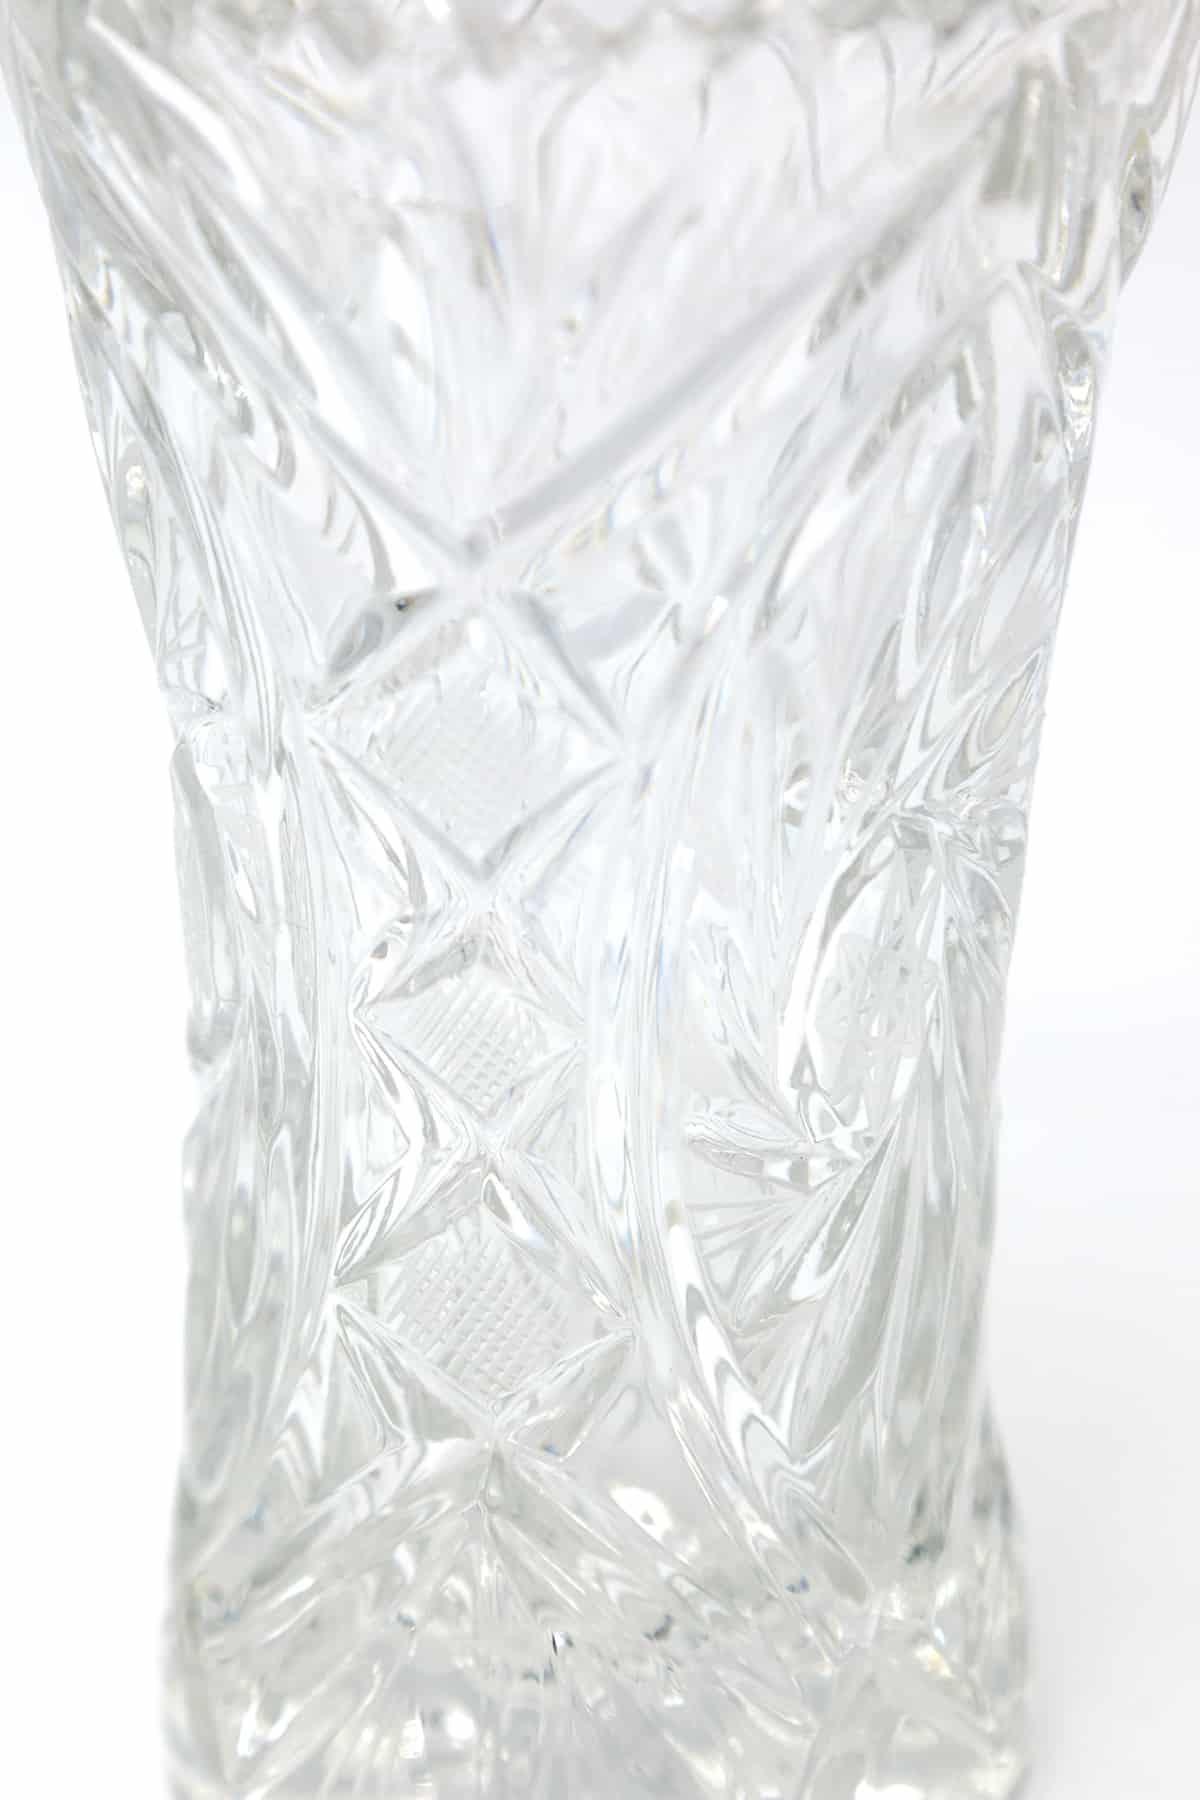 steklyanaya vaza dlya tsvetov